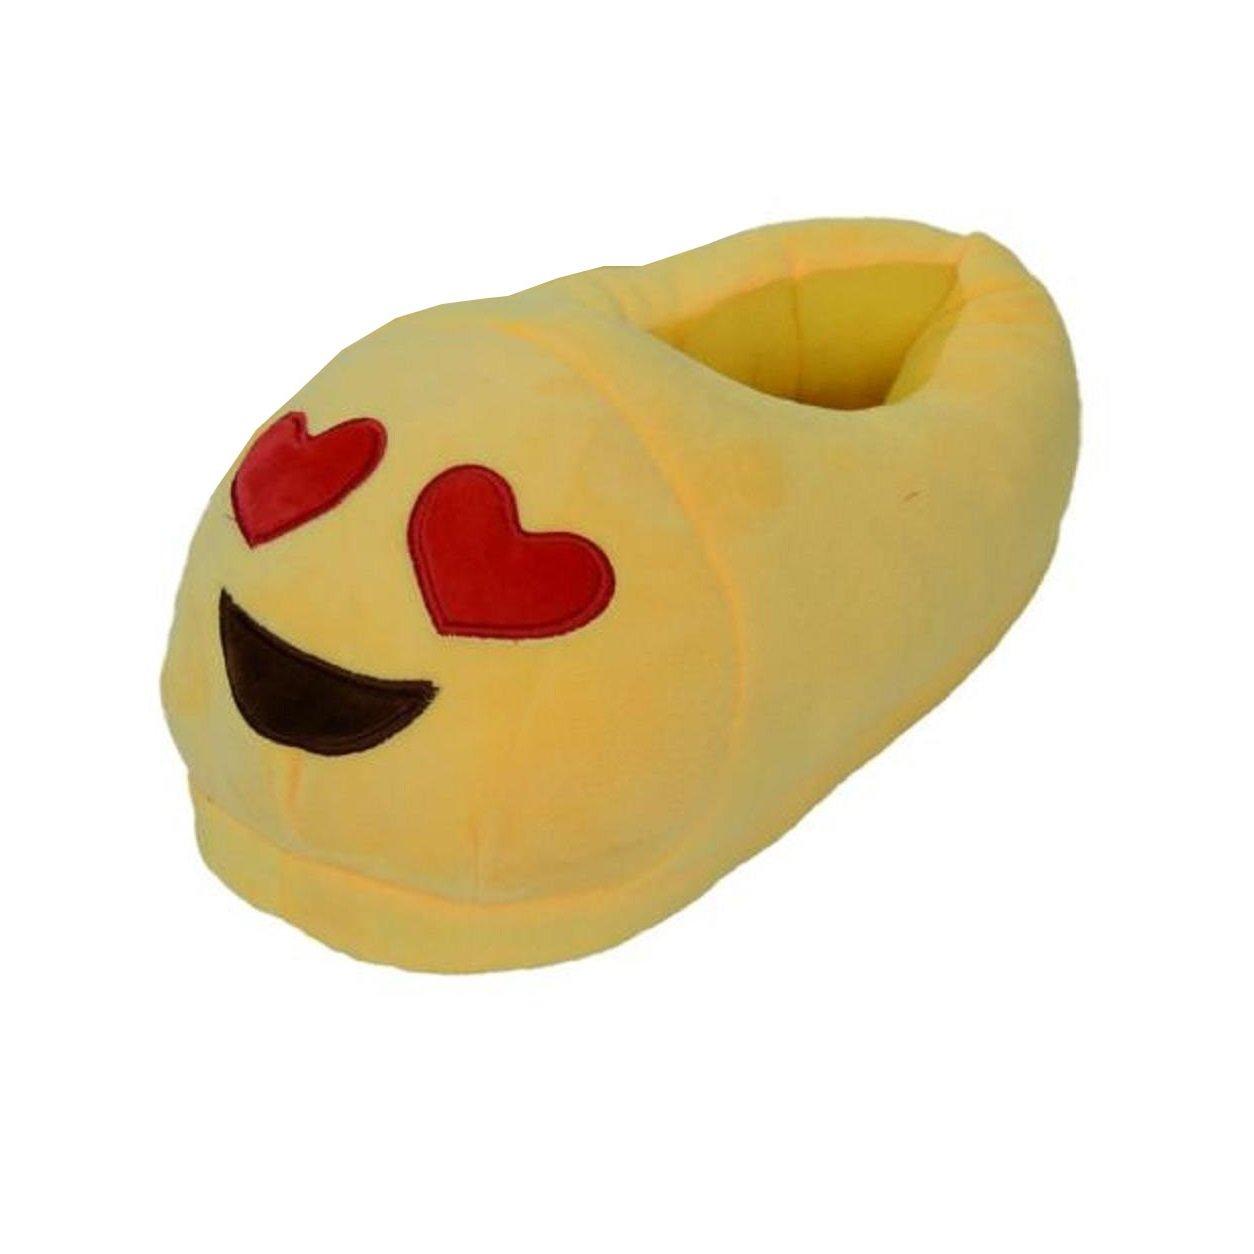 Malloom Mujeres y Hombres Universal Zapatilla Felpa QQ Expresión Emoji Casa Zapatos (C) Q4UMn4XaJ